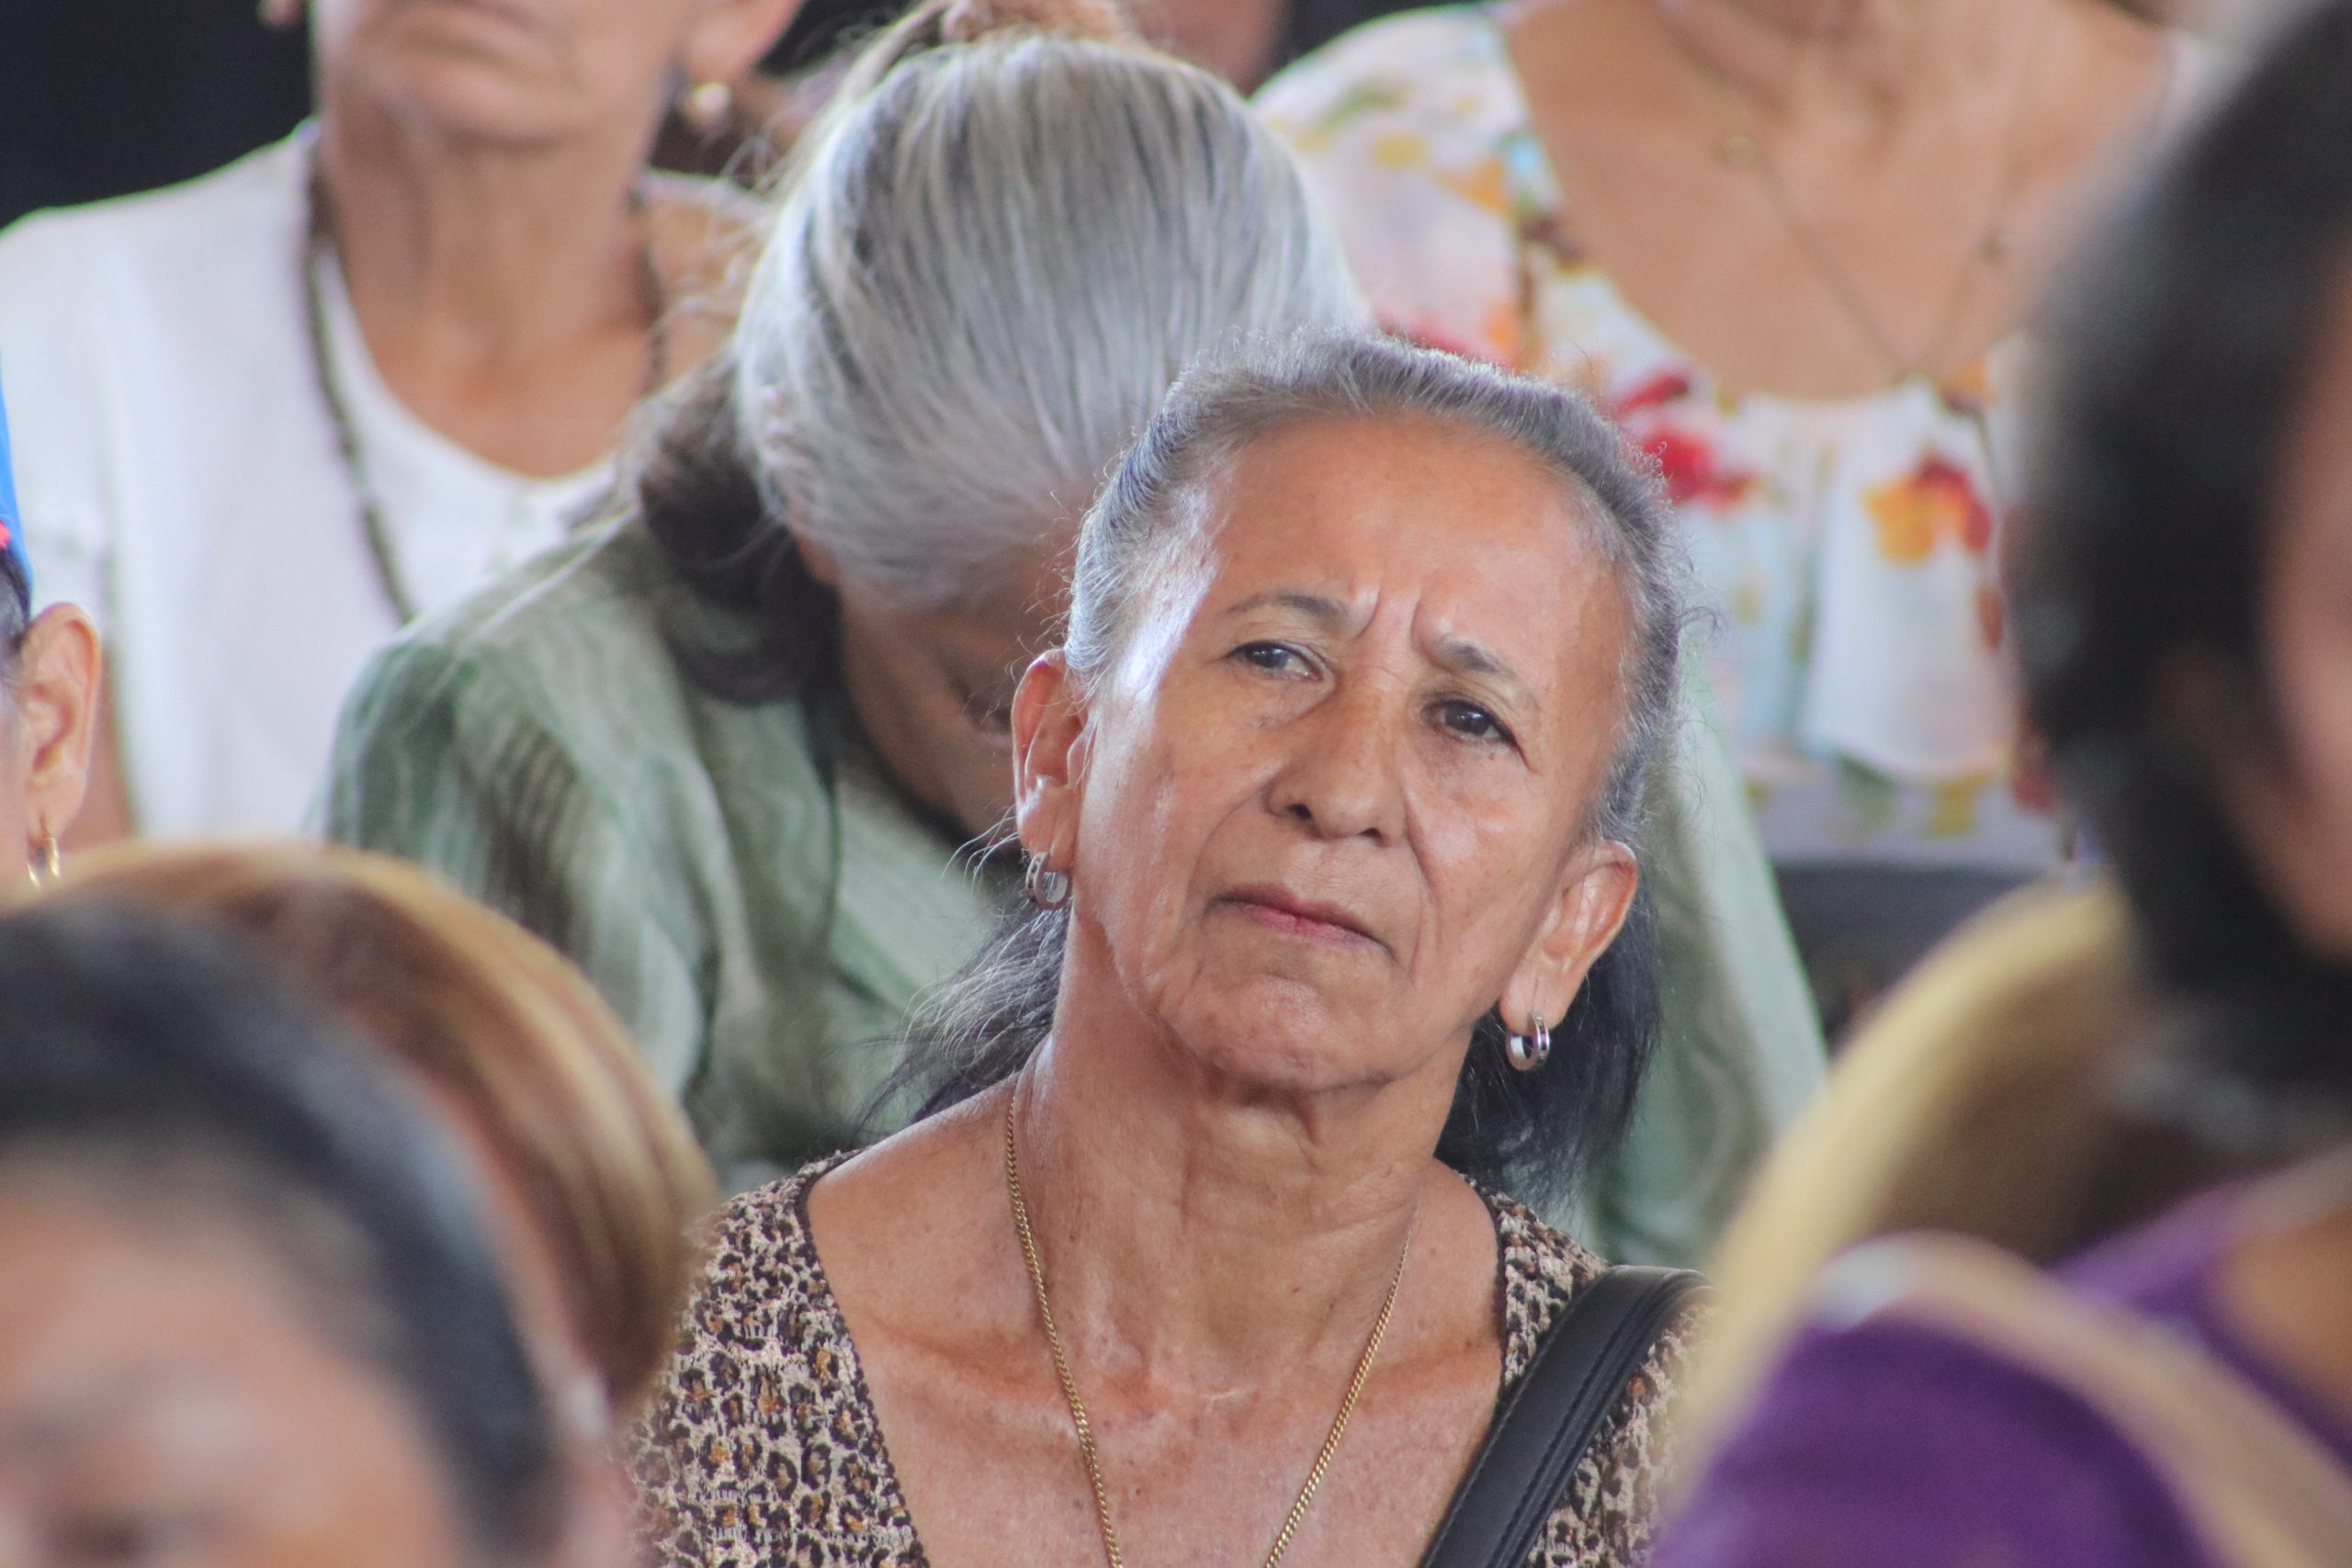 Festividad de los santos patronos de los abuelos se celebrará con triduo virtual